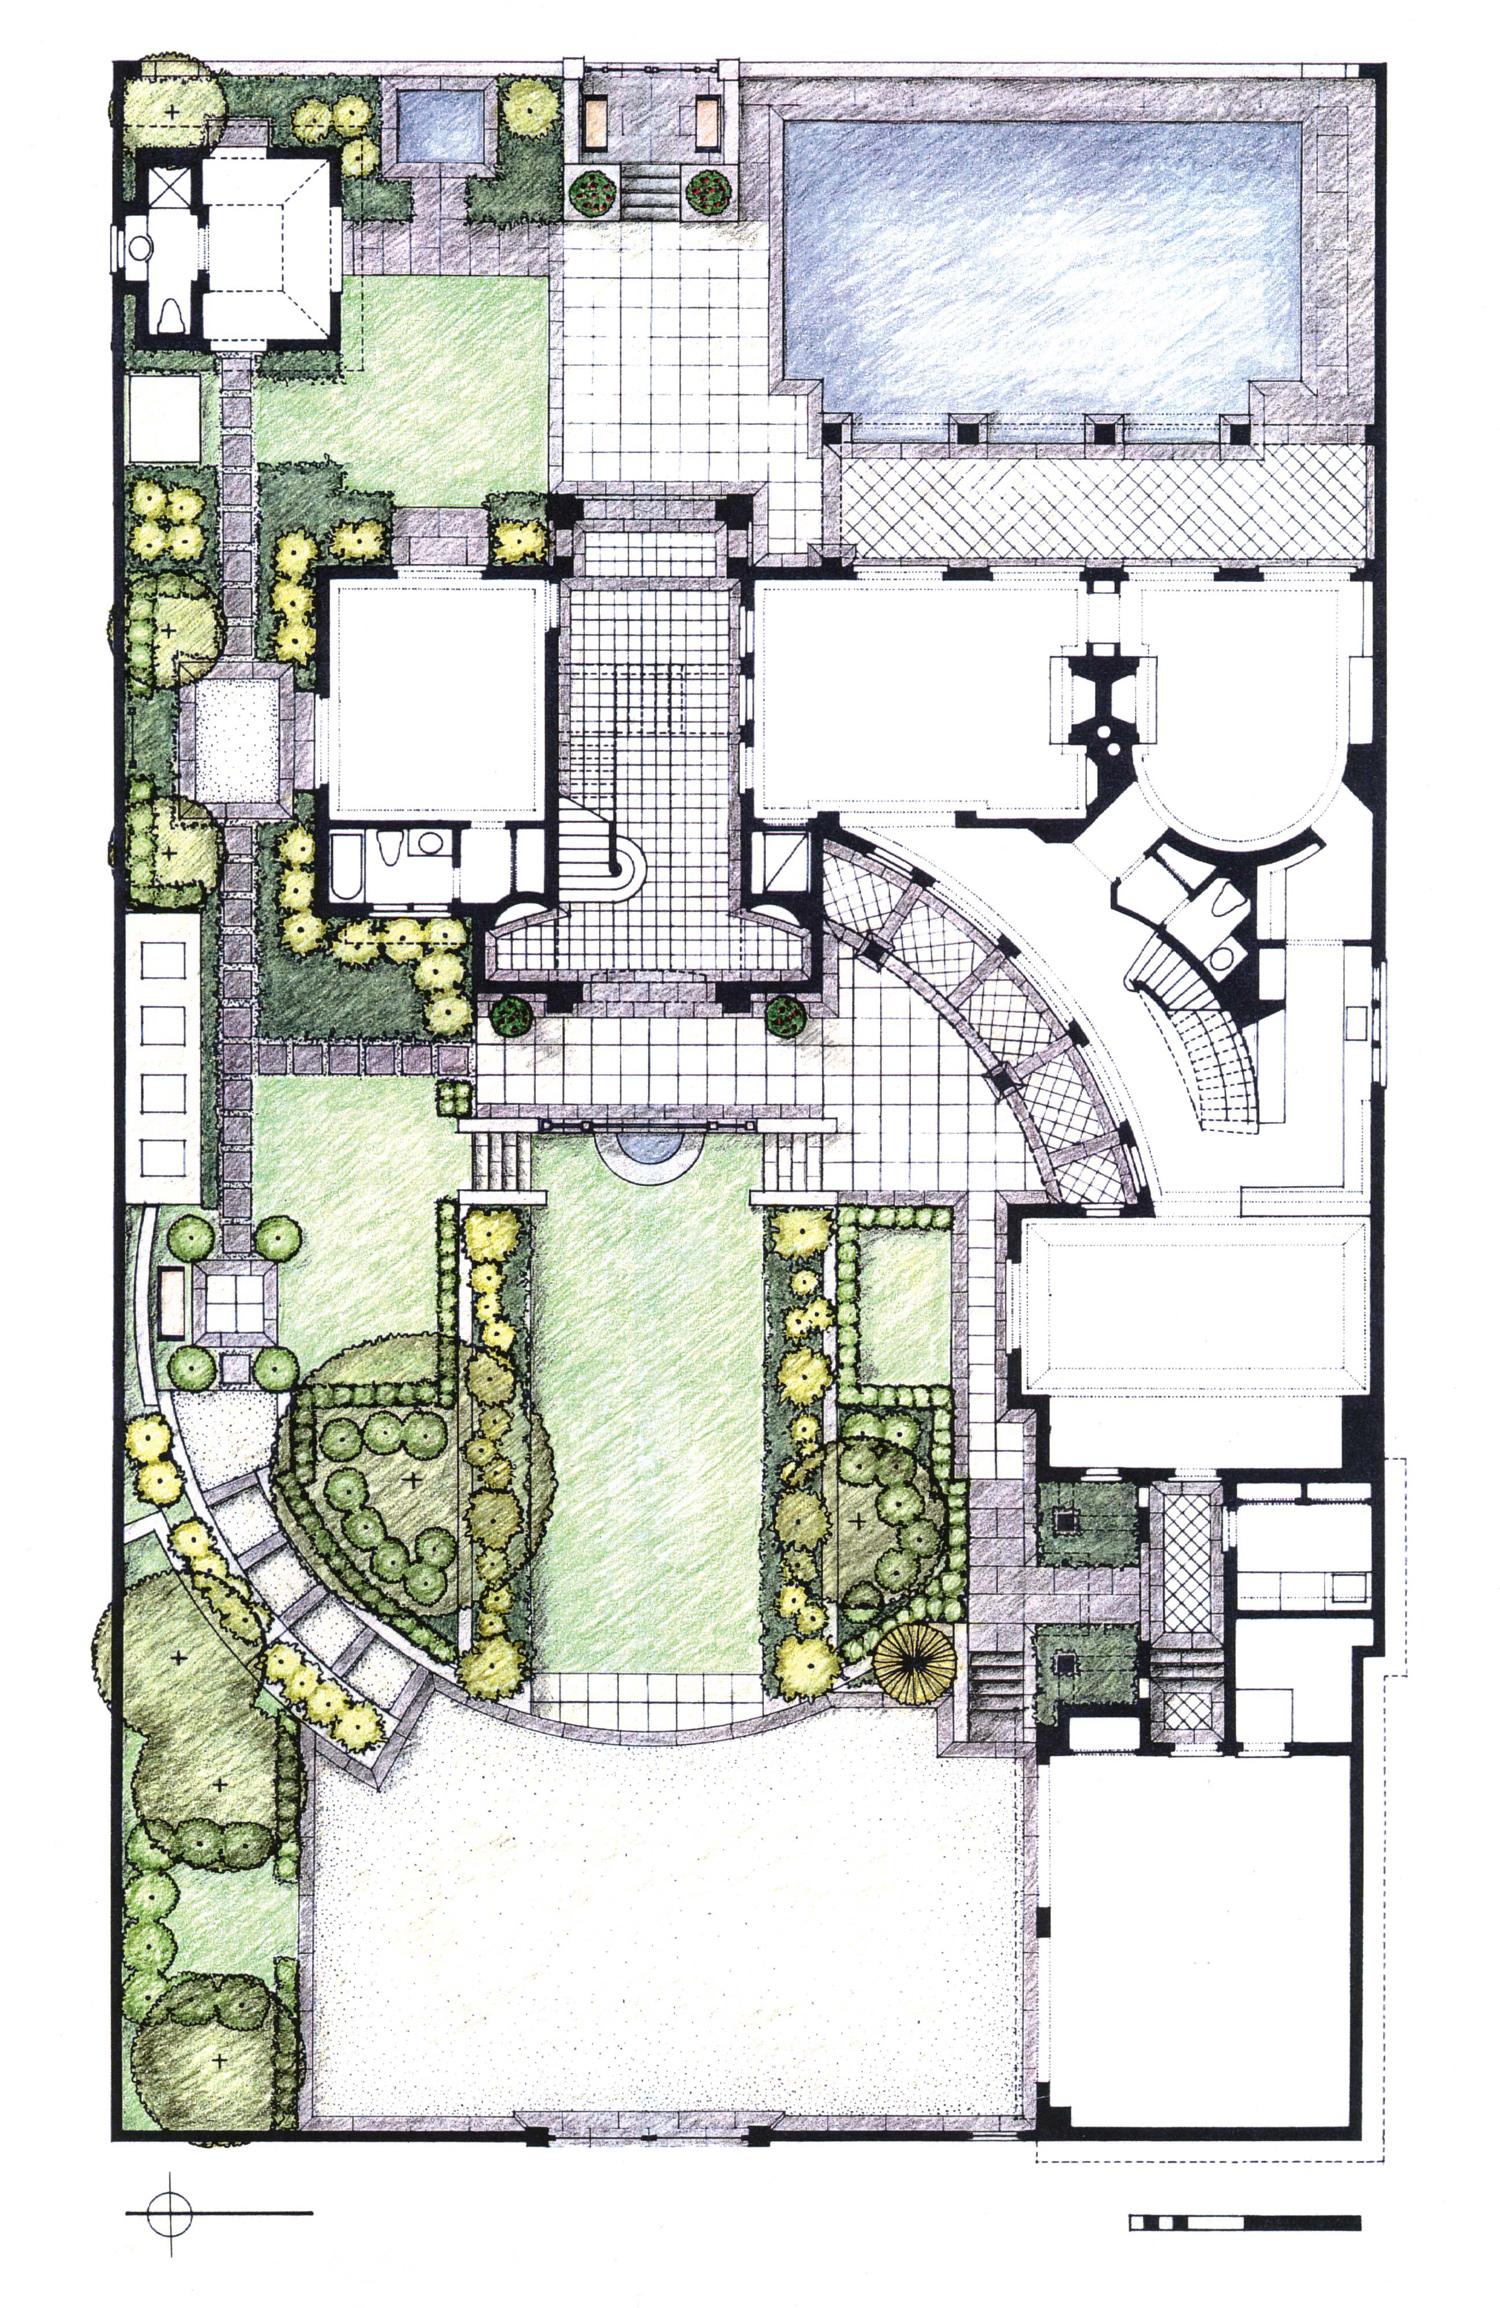 Smith_Florida2_Plan.jpg